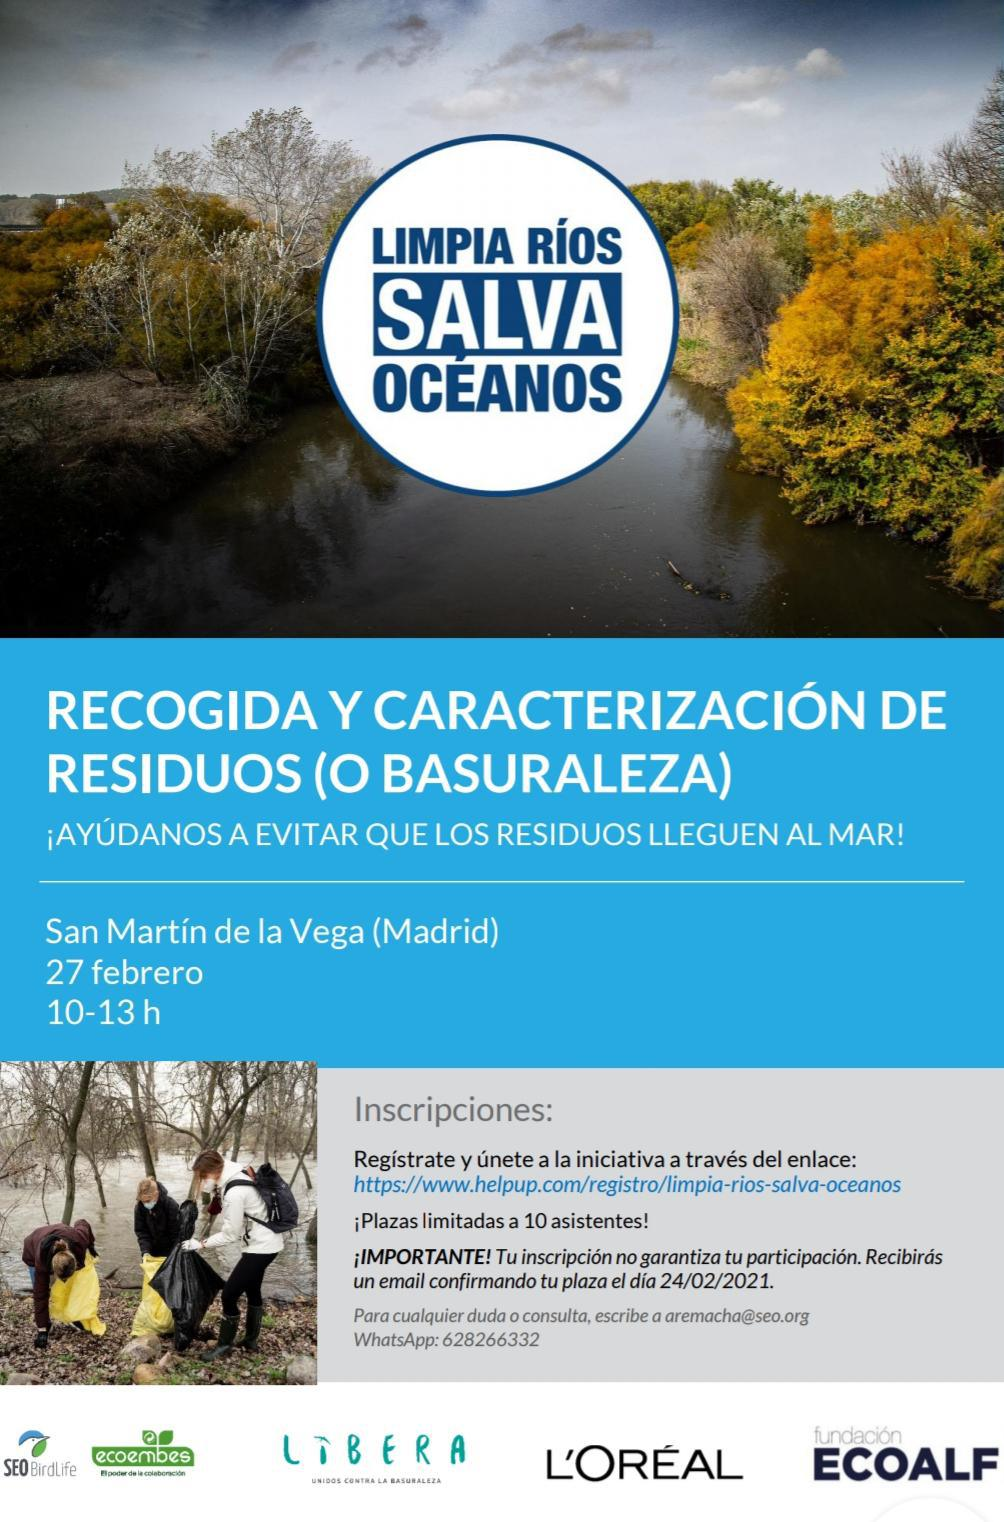 """Llega a San Martín de la Vega la campaña """"Limpia ríos, salva océanos"""""""